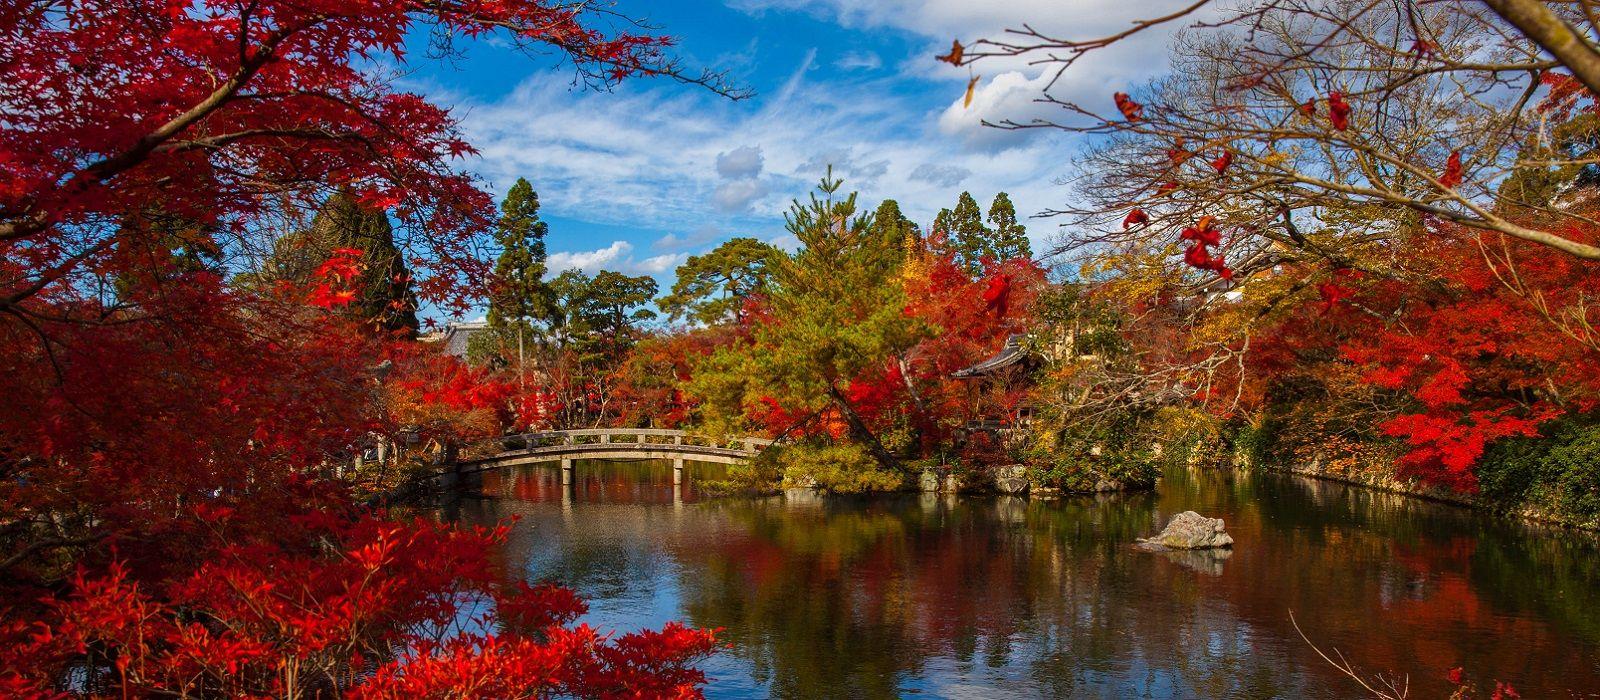 Just Japan: An Introduction Tour Trip 1